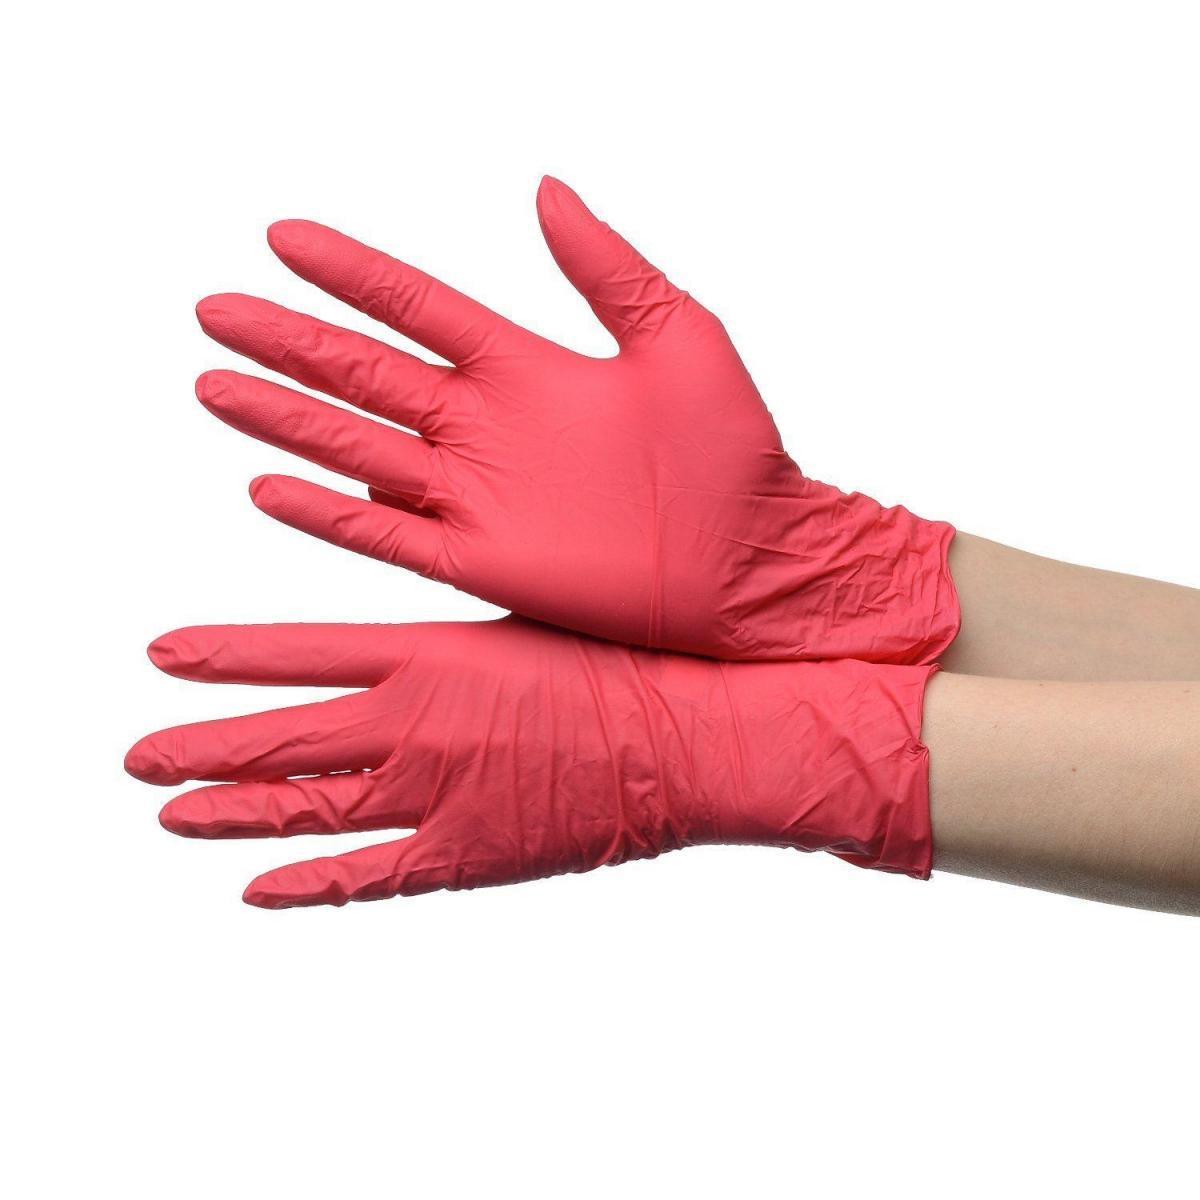 Нитриловые одноразовые перчатки (неопудренные, нестерильные), S - фото 2